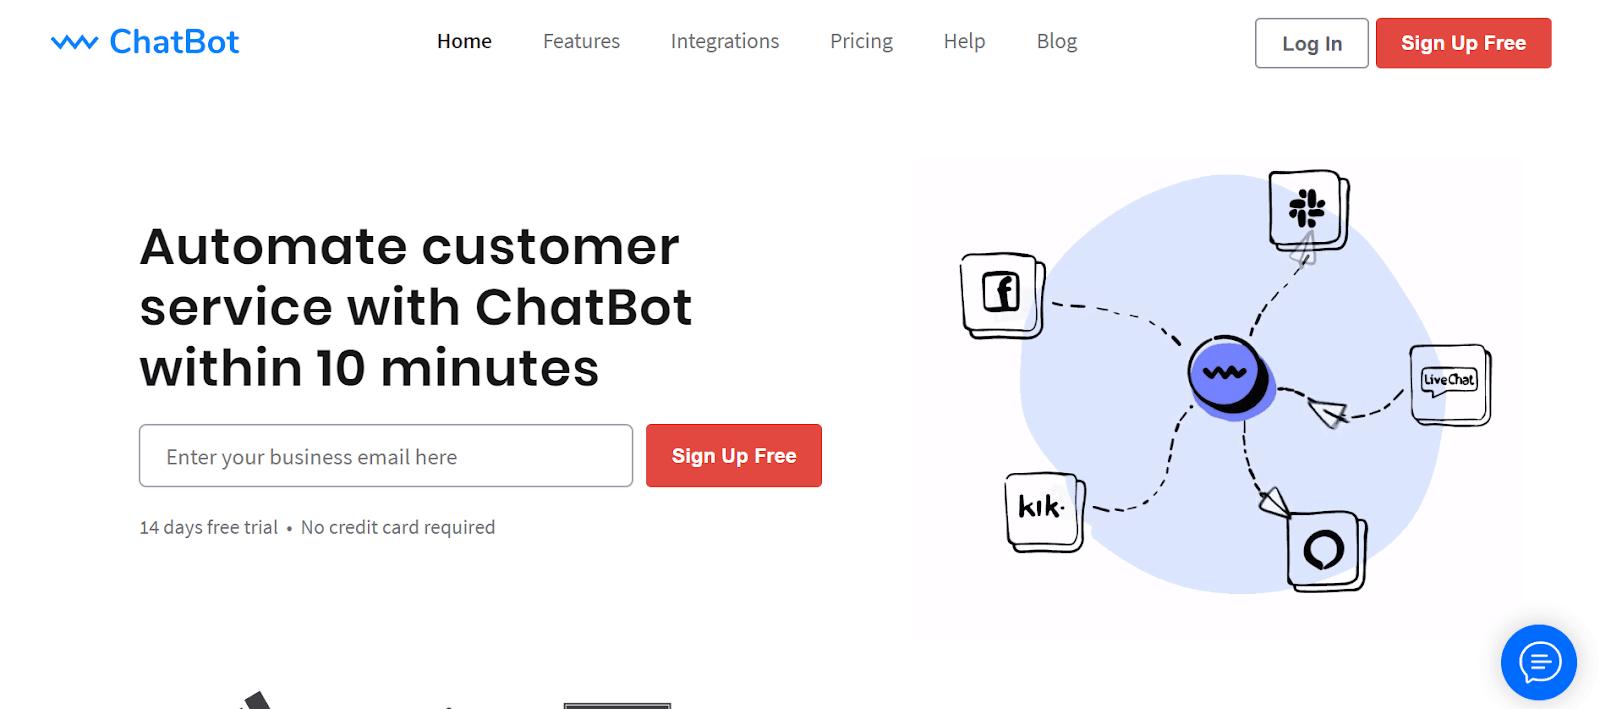 Chatbot for Websites